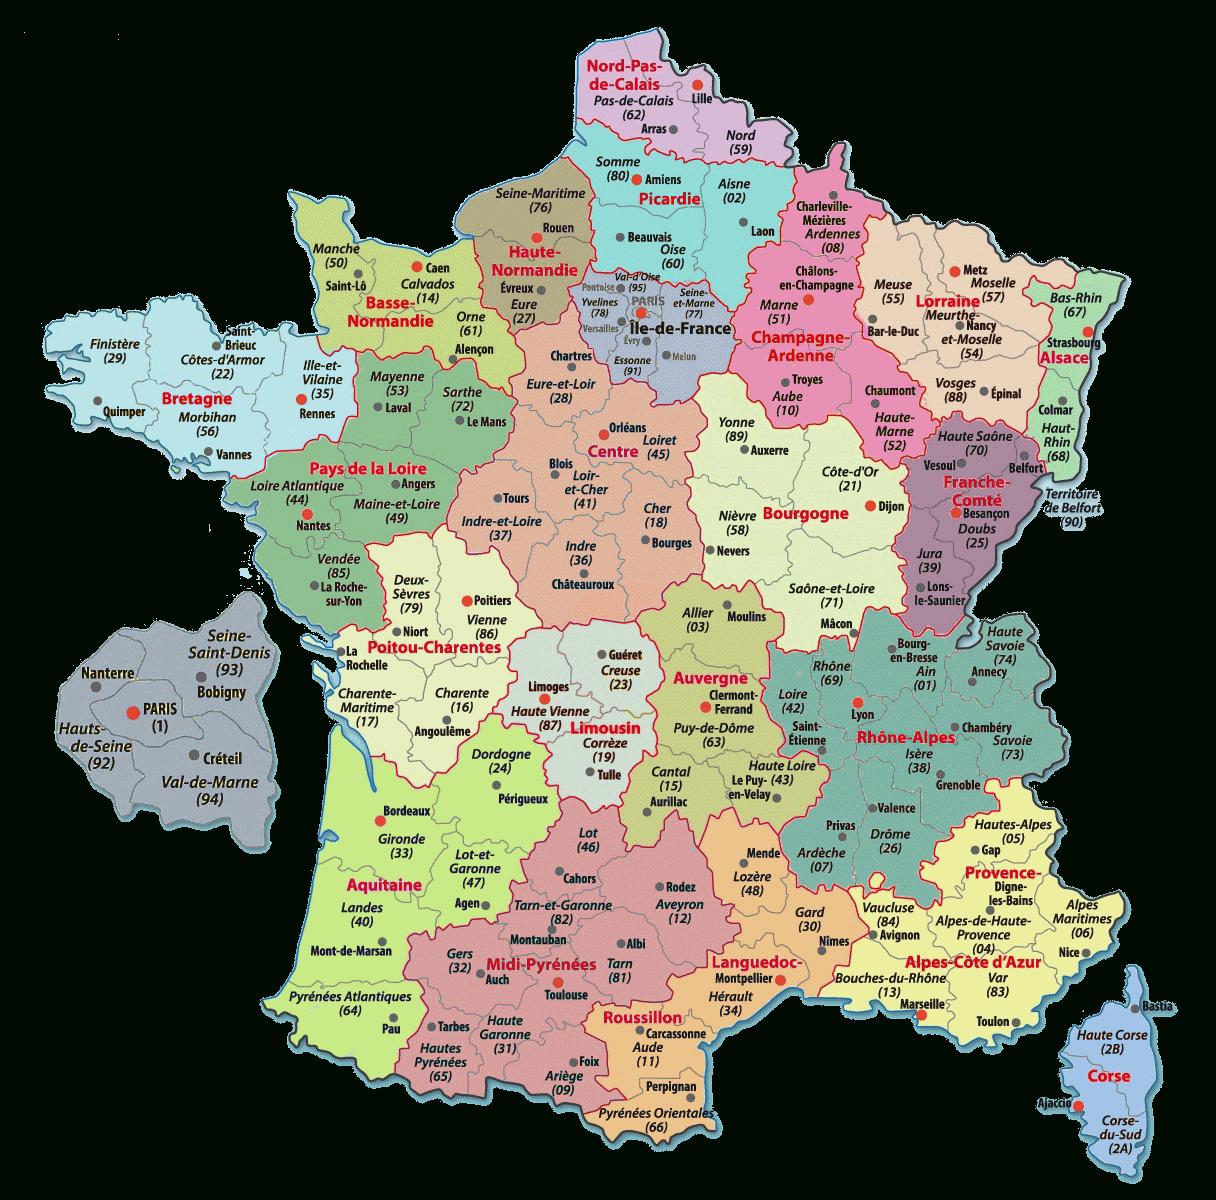 Carte De France Departements : Carte Des Départements De France destiné Région Et Département France